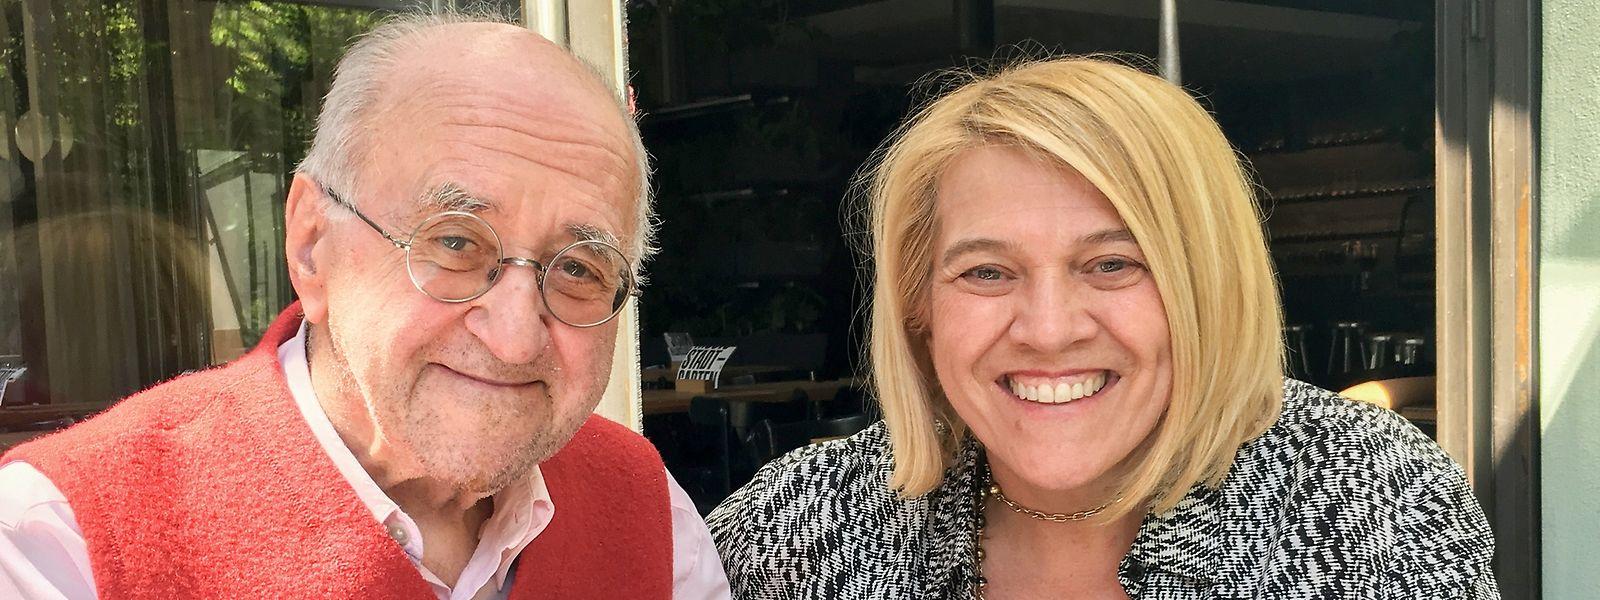 Madeleines persönlich geliefert: Léa Linster besucht ihren langjährigen Weggefährten regelmäßig in seiner Wahlheimat Köln.